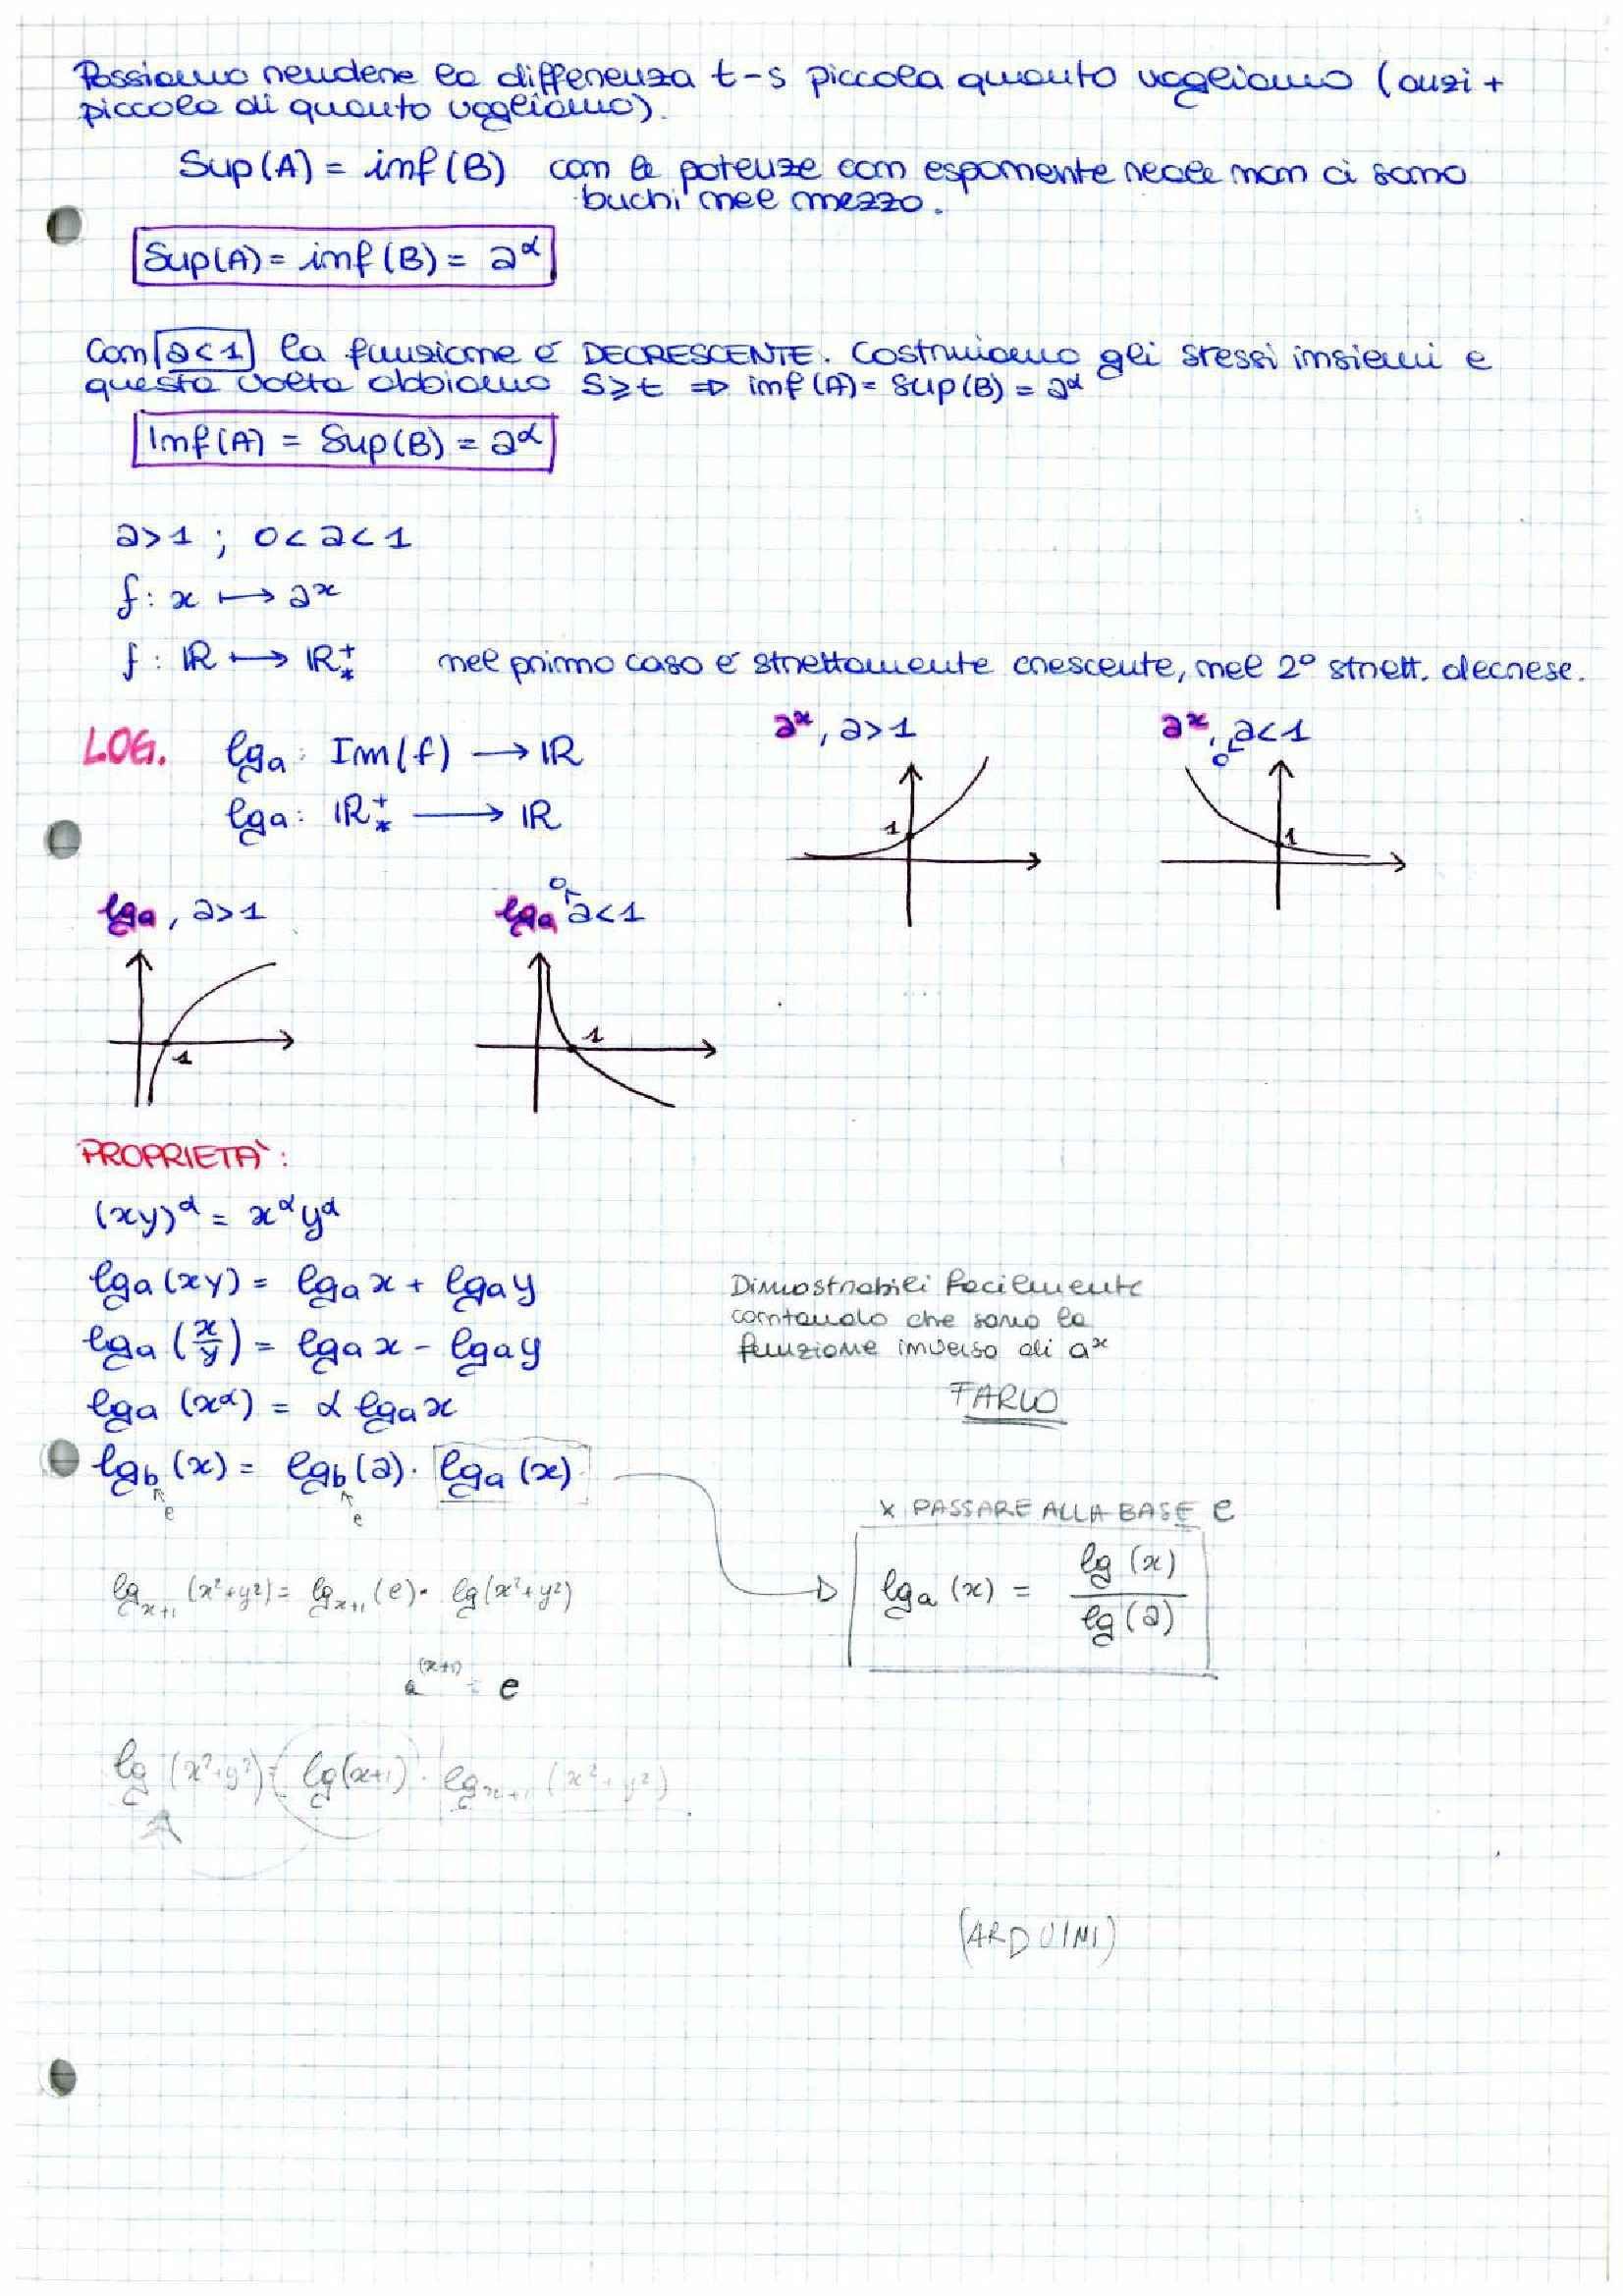 Analisi matematica 1 - Appunti a mano Pag. 21